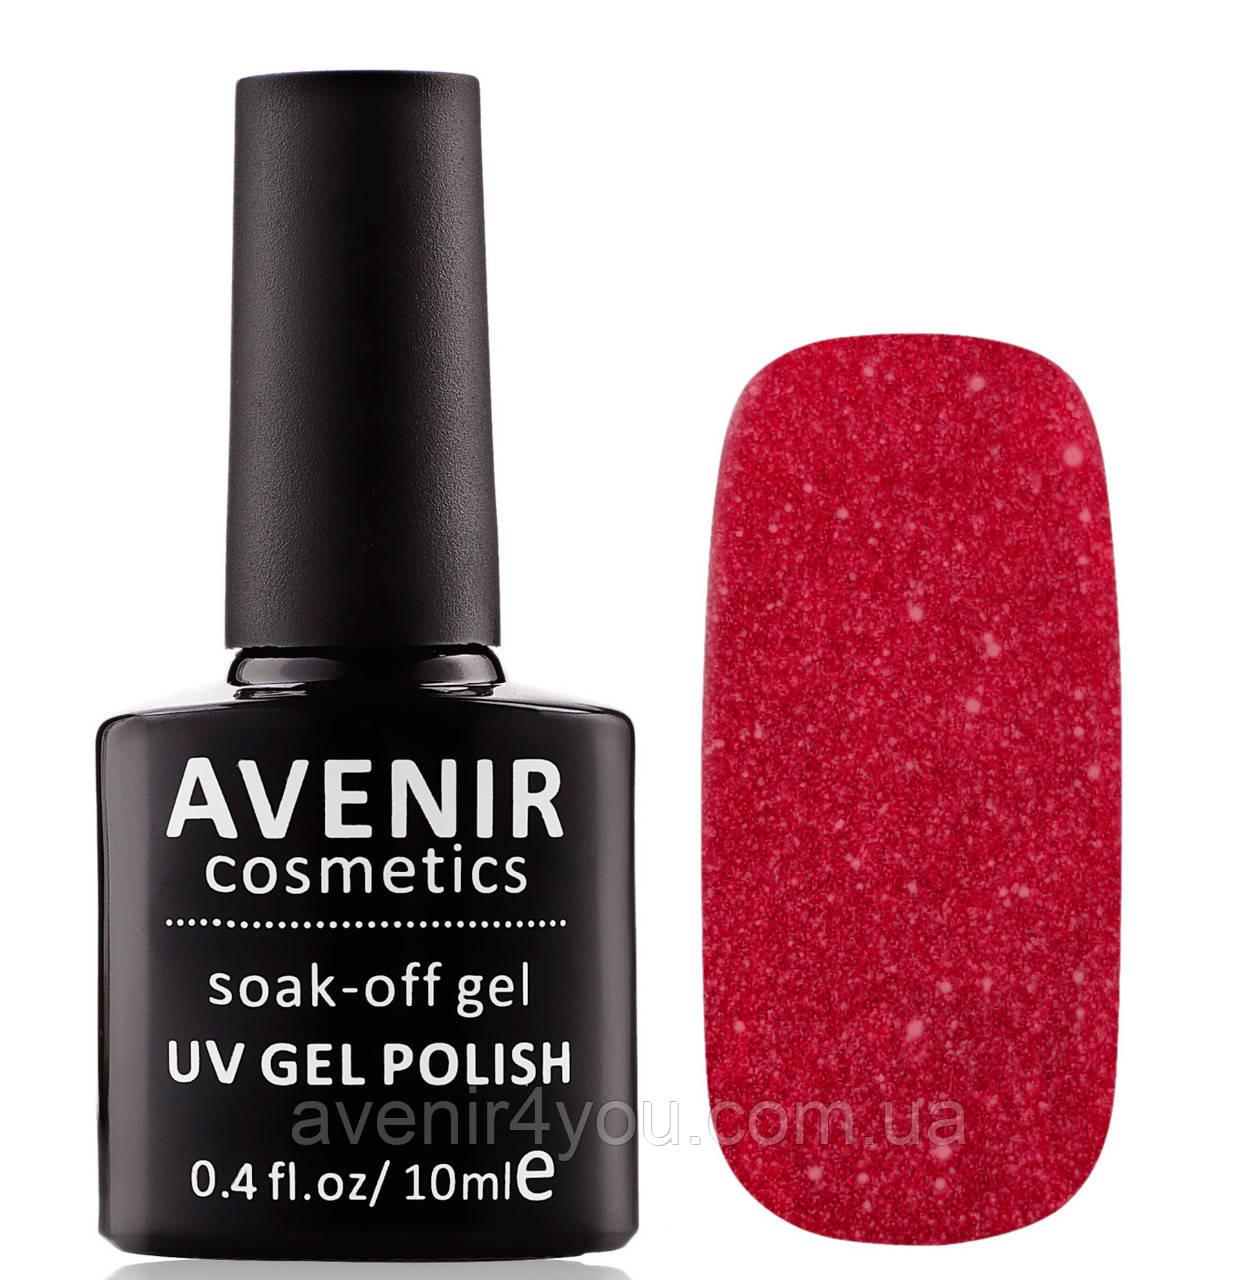 Гель-лак AVENIR Cosmetics №182. Червона парча з золотим пилом